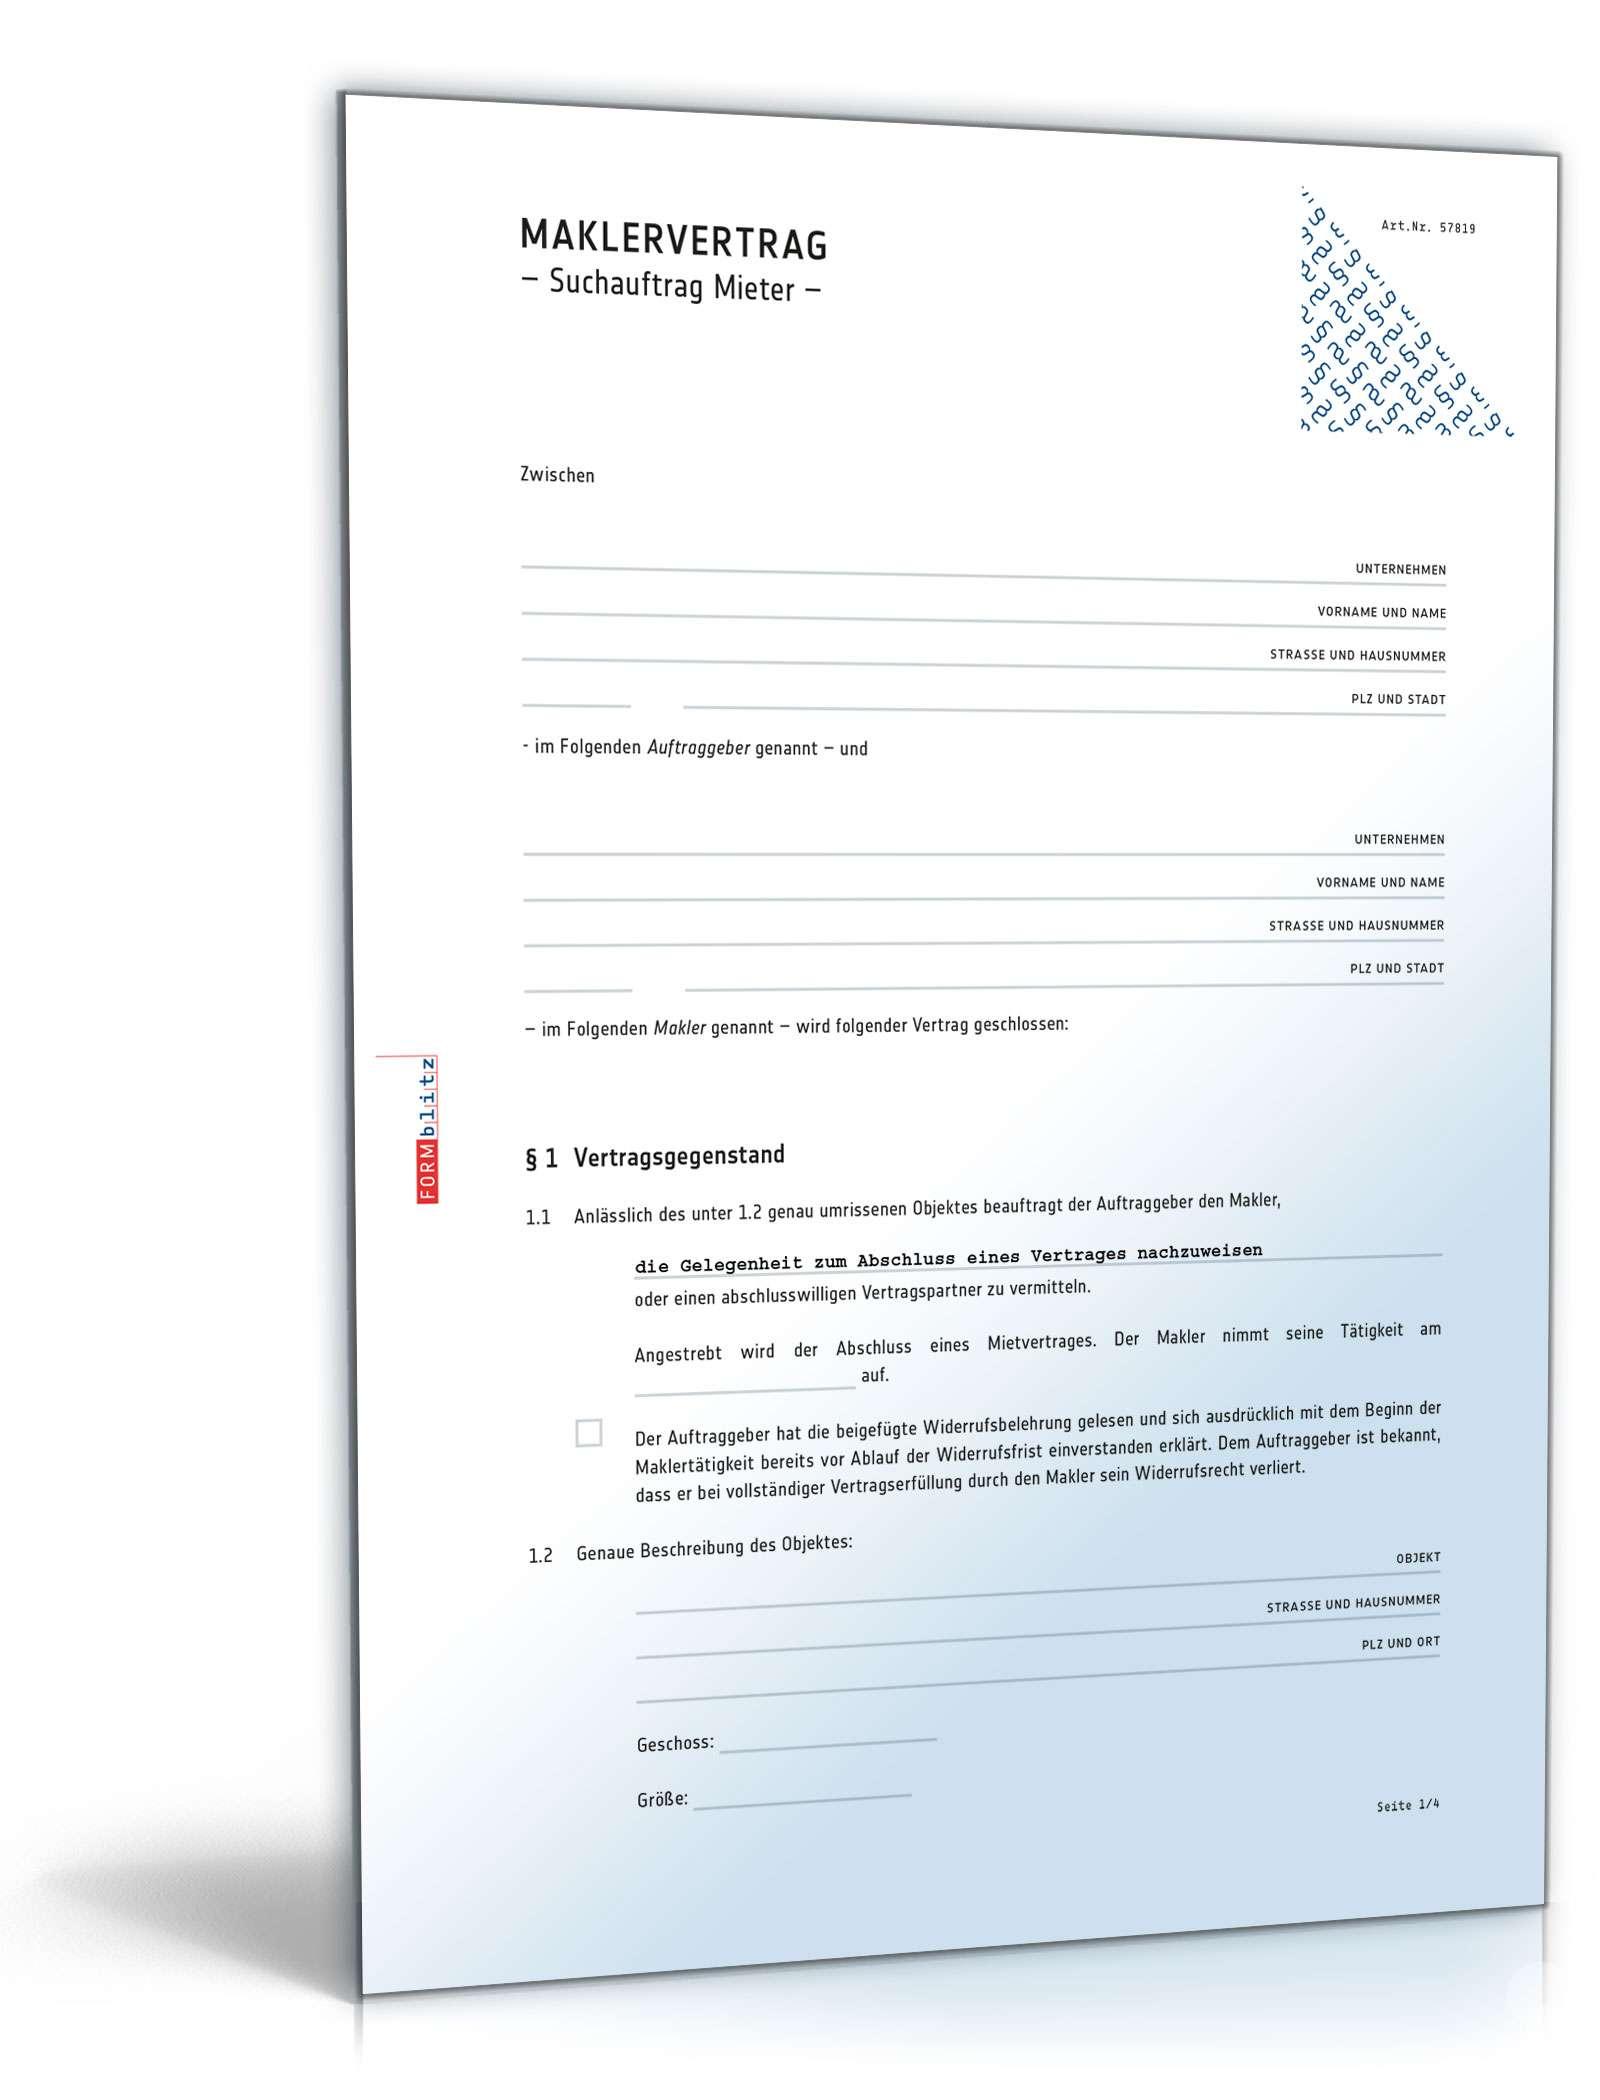 Maklervertrag Suchauftrag Mieter Muster Zum Download